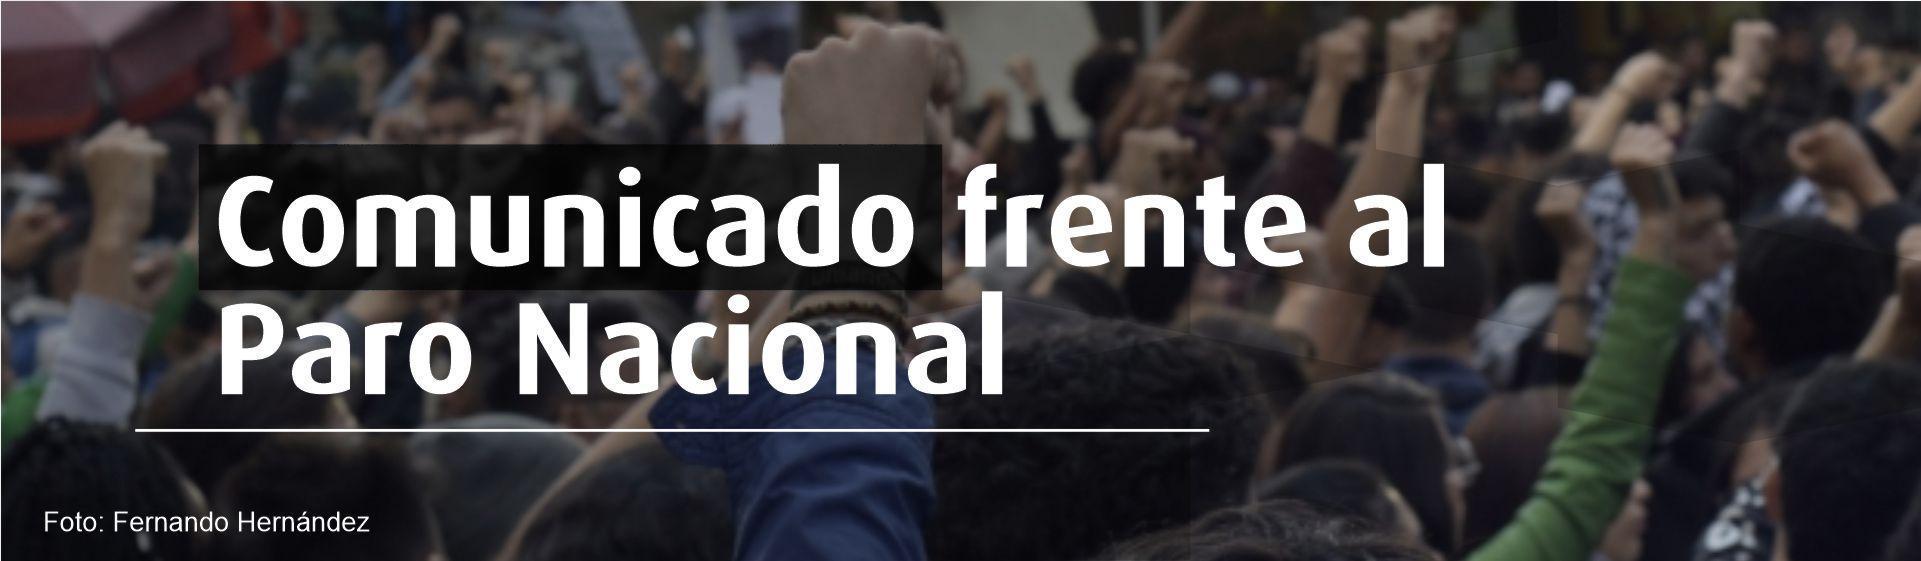 Comunicado frente al Paro Nacional- Cider | Uniandes